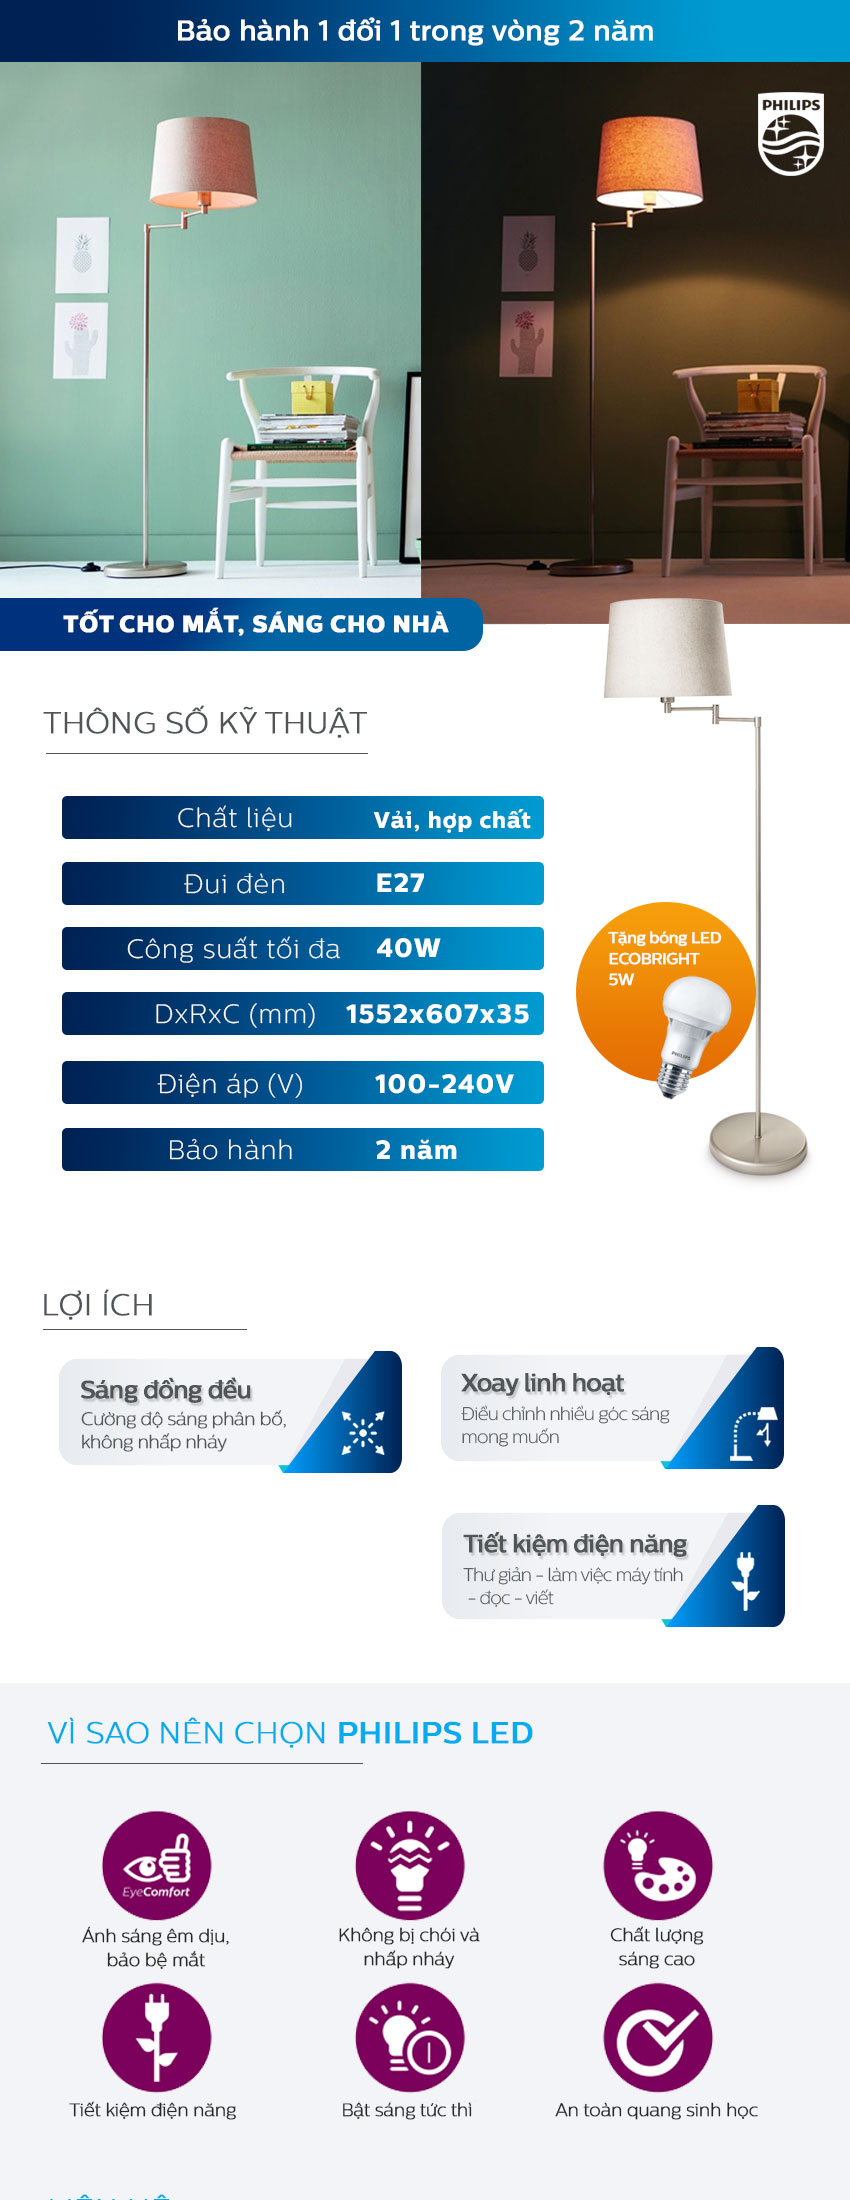 Đèn Trang Trí Để Bàn Philips 36134 Donne Floor Lamp (40W) - Tặng 1 Bóng Đèn LED Philips Ecobright 5W - Ánh Sáng Trắng - Hàng Chính Hãng